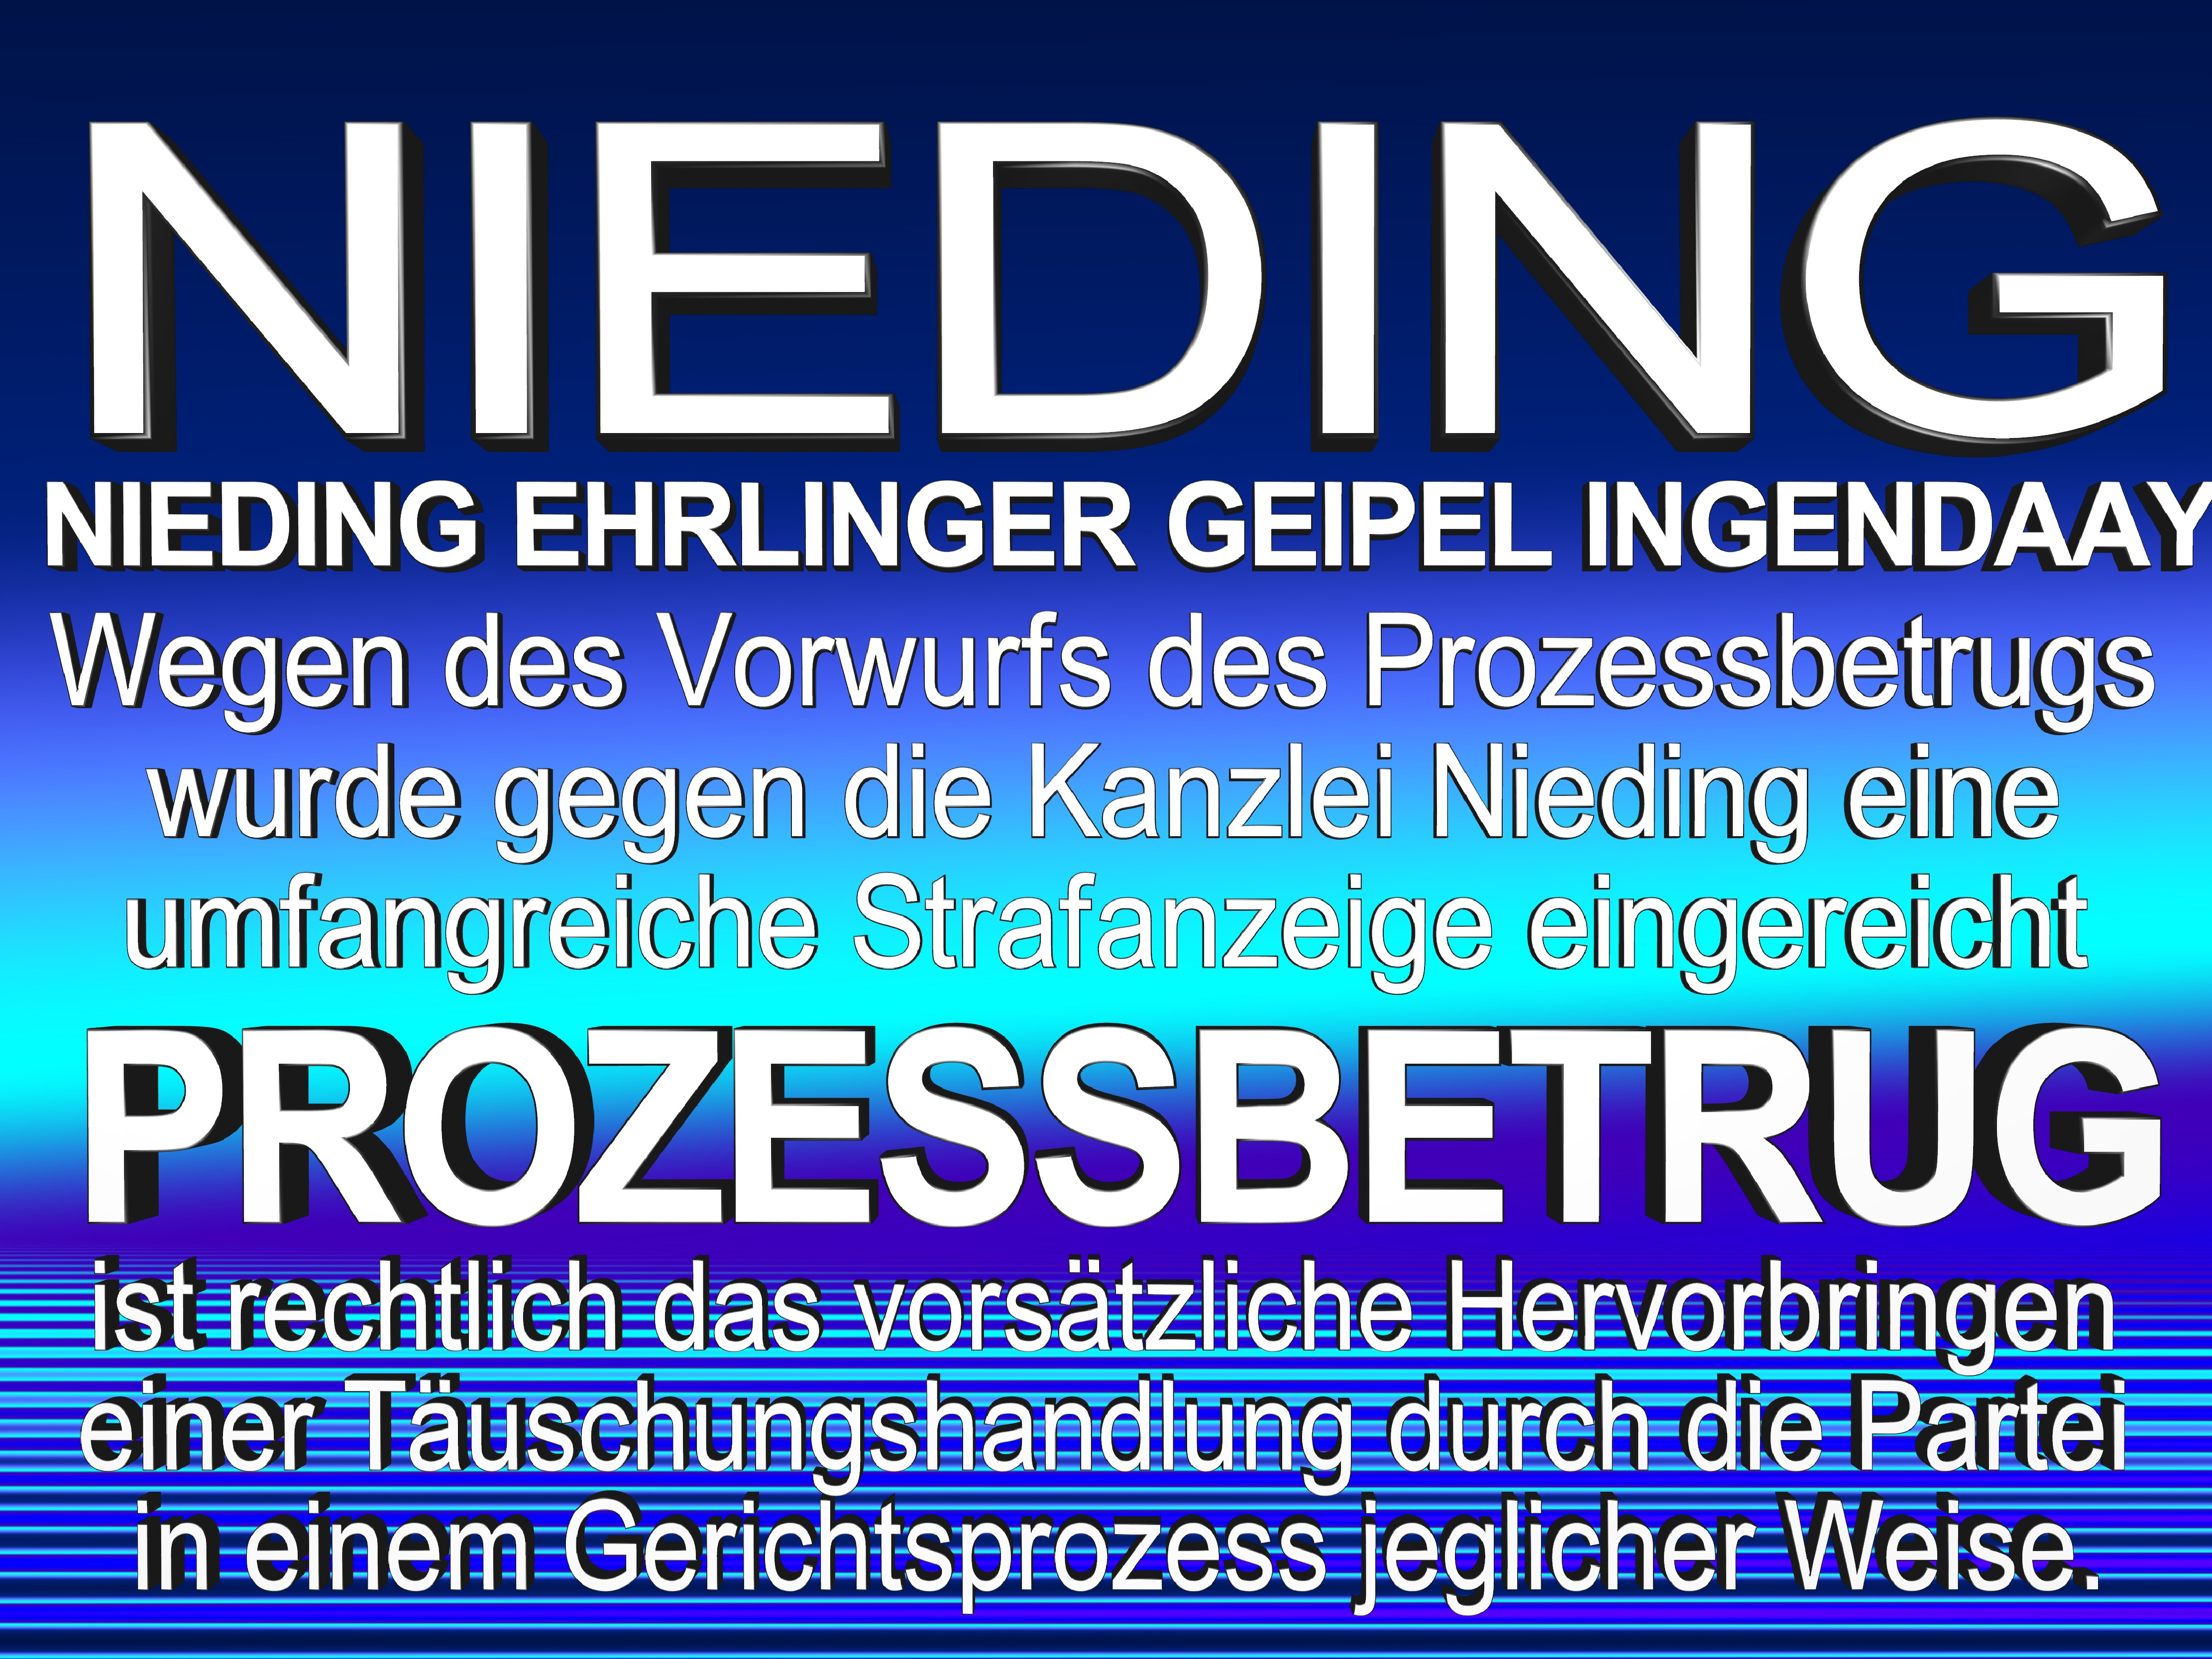 NIEDING EHRLINGER GEIPEL INGENDAAY LELKE Kurfürstendamm 66 Berlin (14)